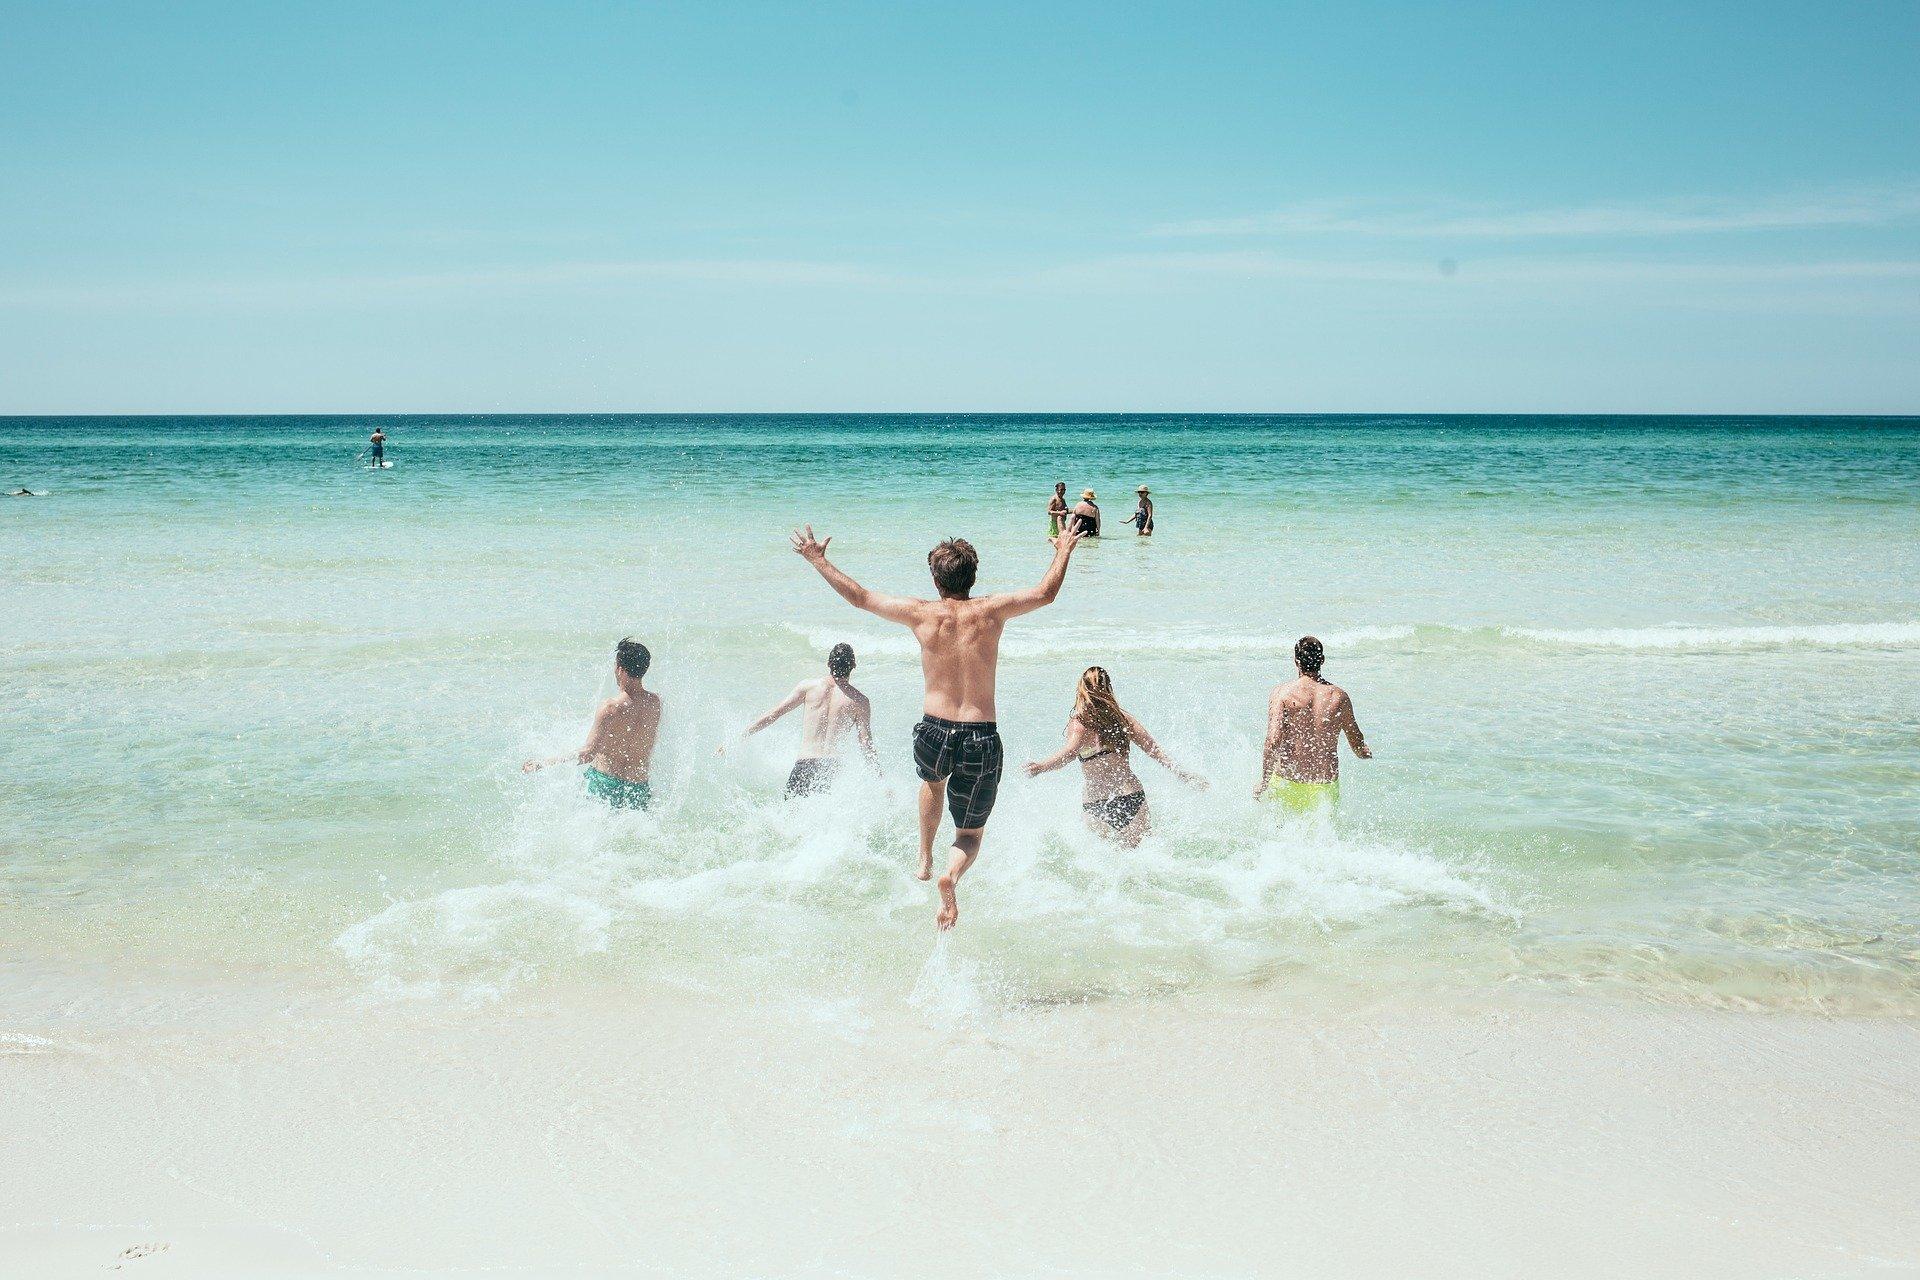 Destination image of Vacances d'été